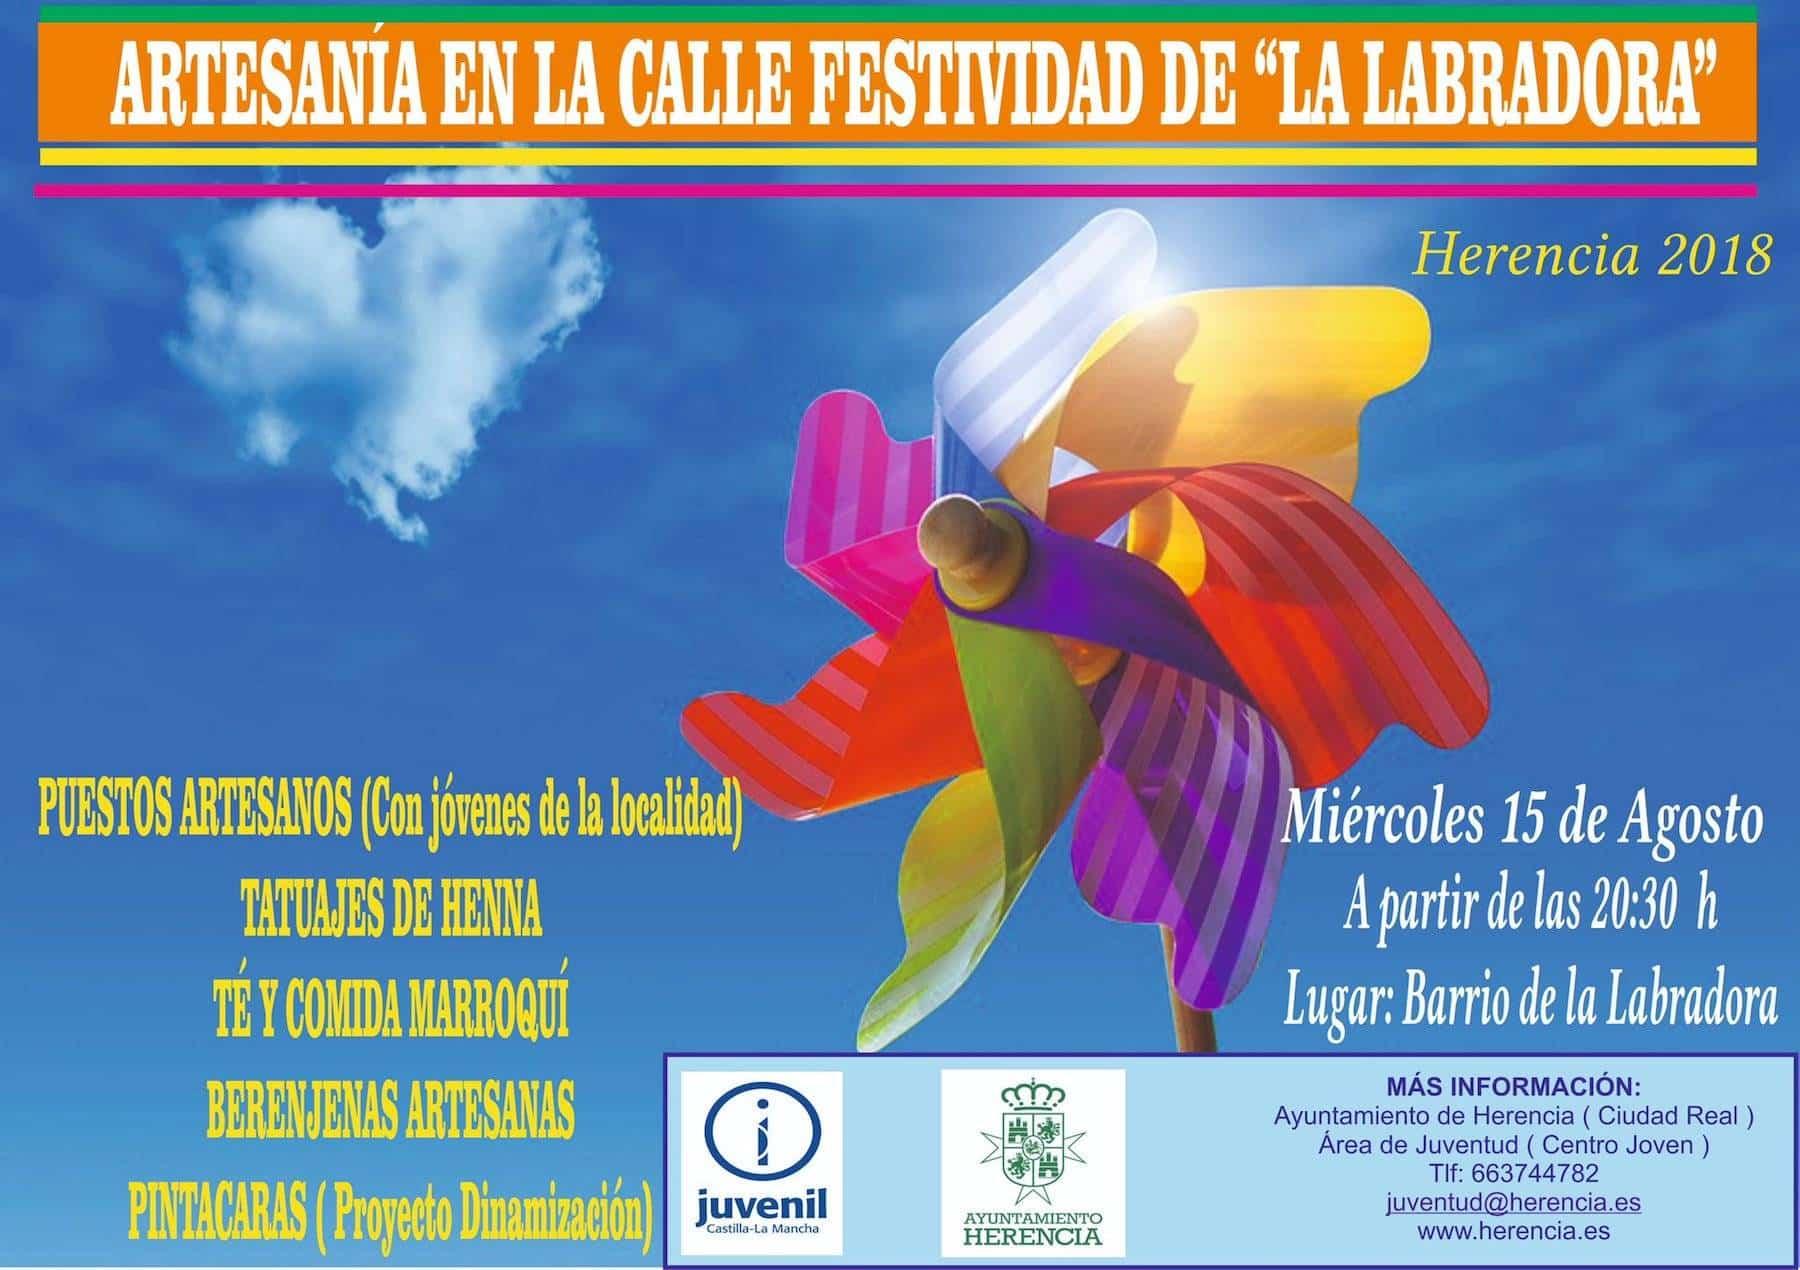 """Artesanía en la calle en la festividad de """"La Labradora"""" en Herencia 3"""